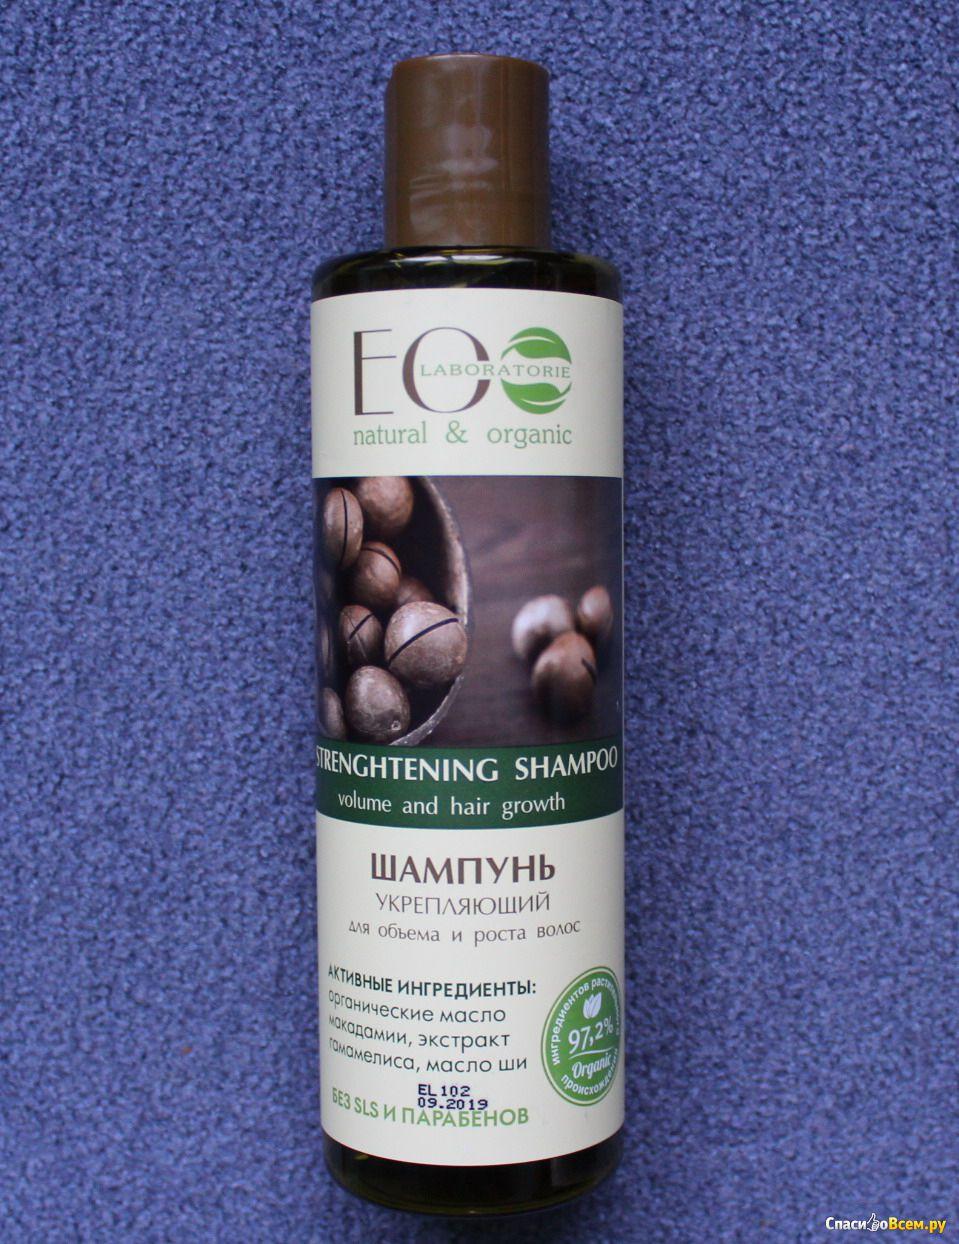 Шампунь укрепляющий для объема и роста волос от ecolab